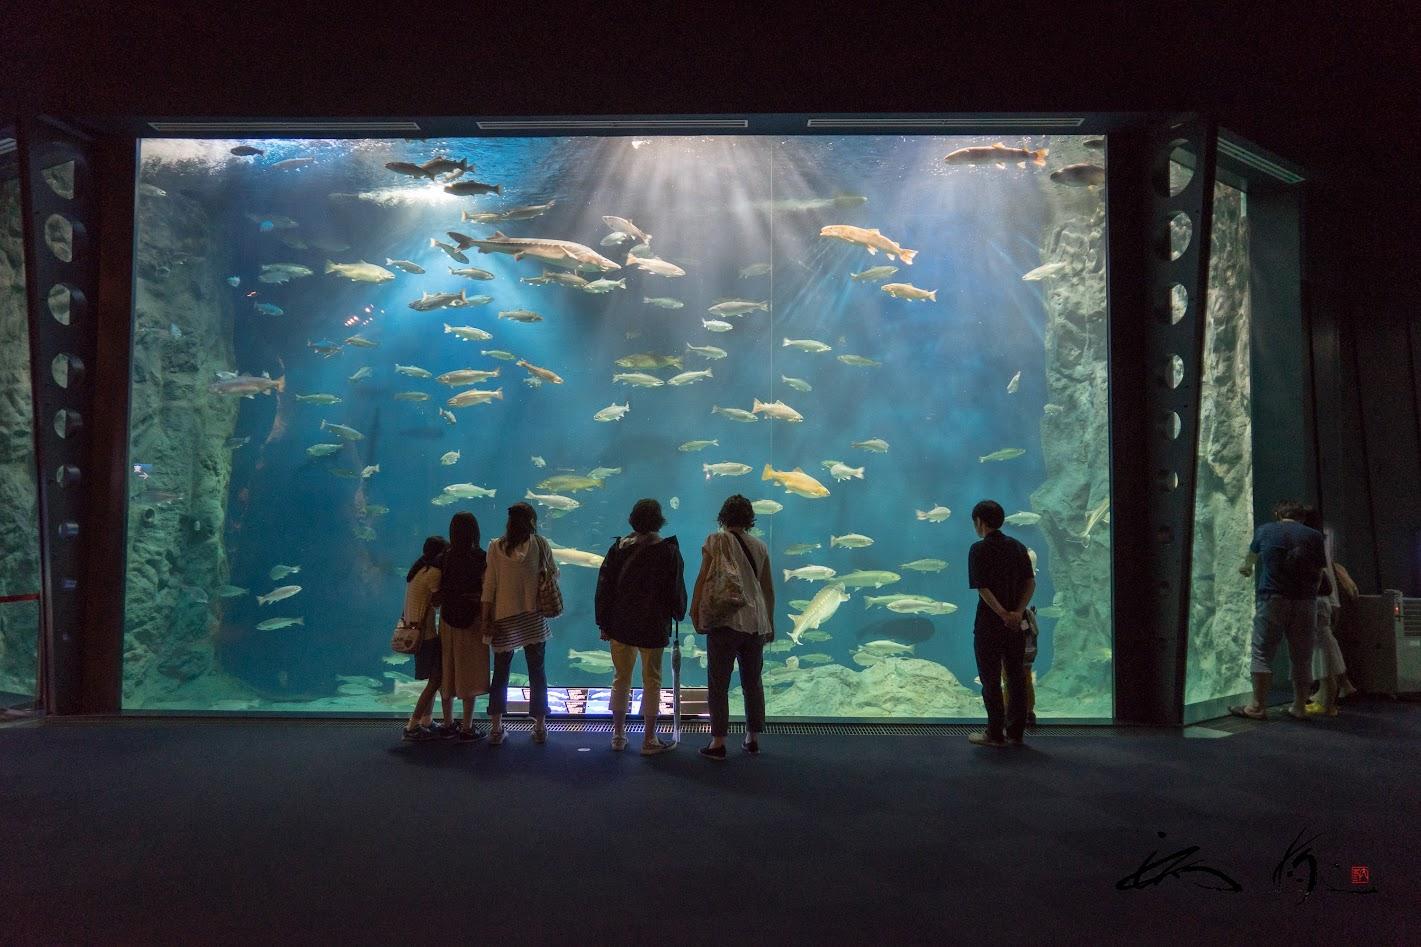 高さ5m幅12mの巨大水槽